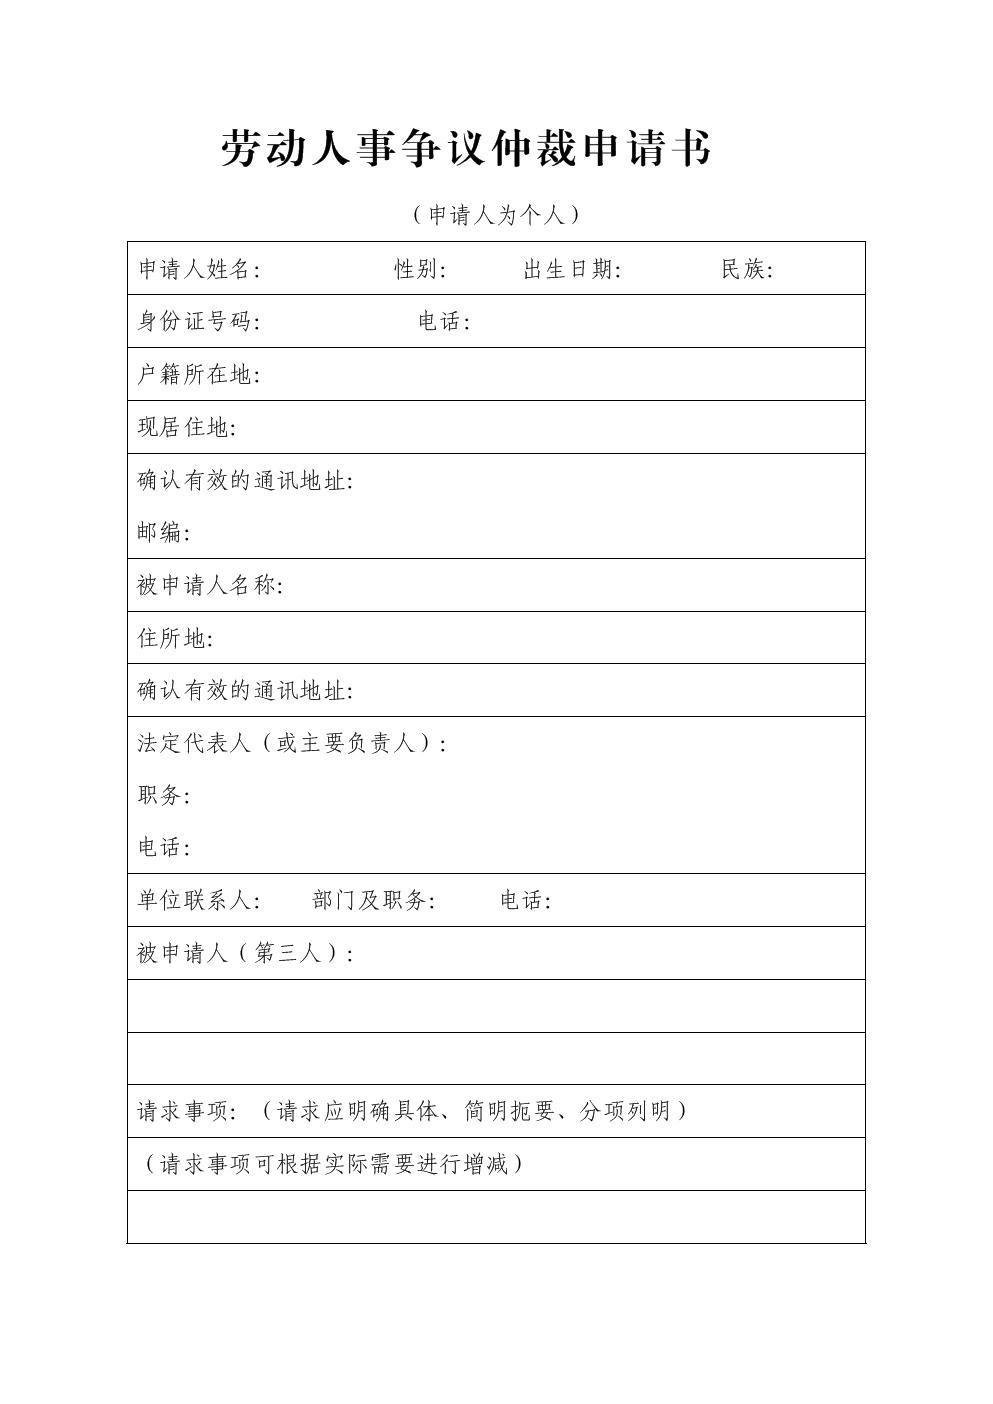 劳动仲裁申请书(通用模板).docx